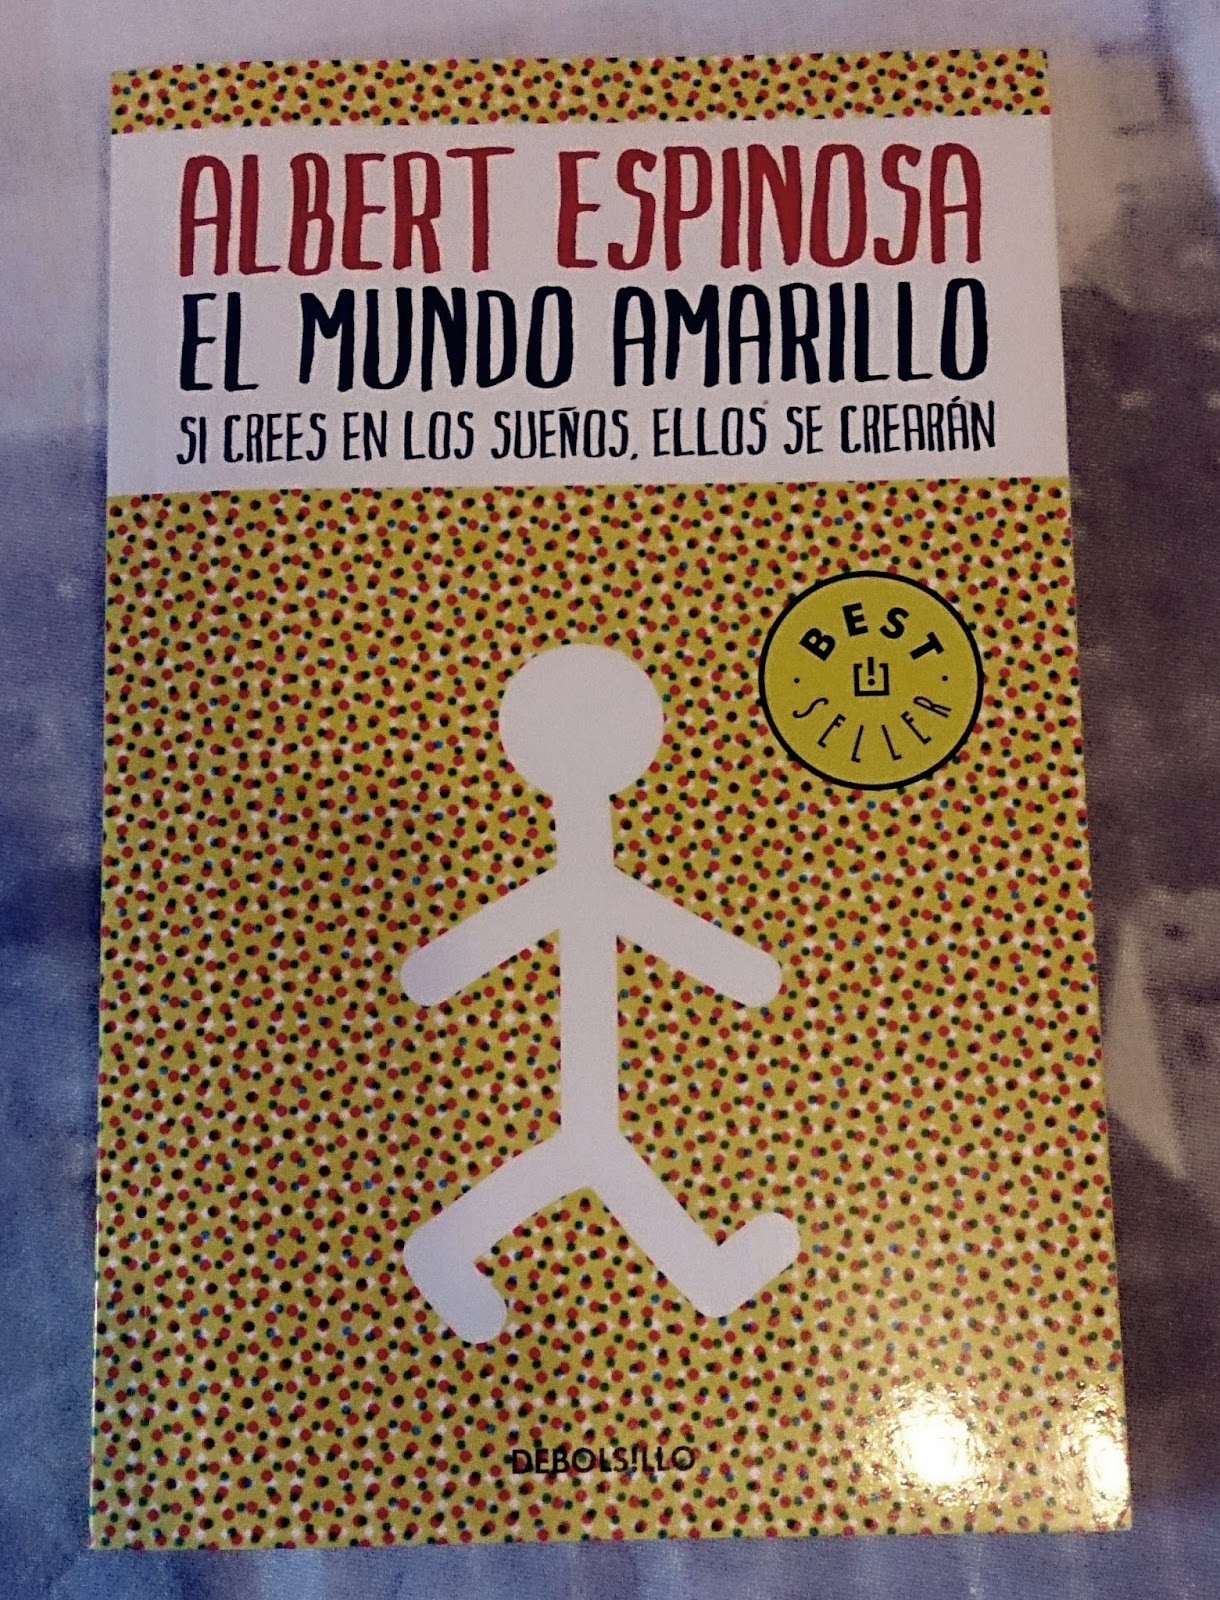 Este libro lo compré porque unas amigas mías me lo habían recomendado pero  a mi no me gustó mucho. Podéis leer mi reseña y el por qué no me gustó aquí